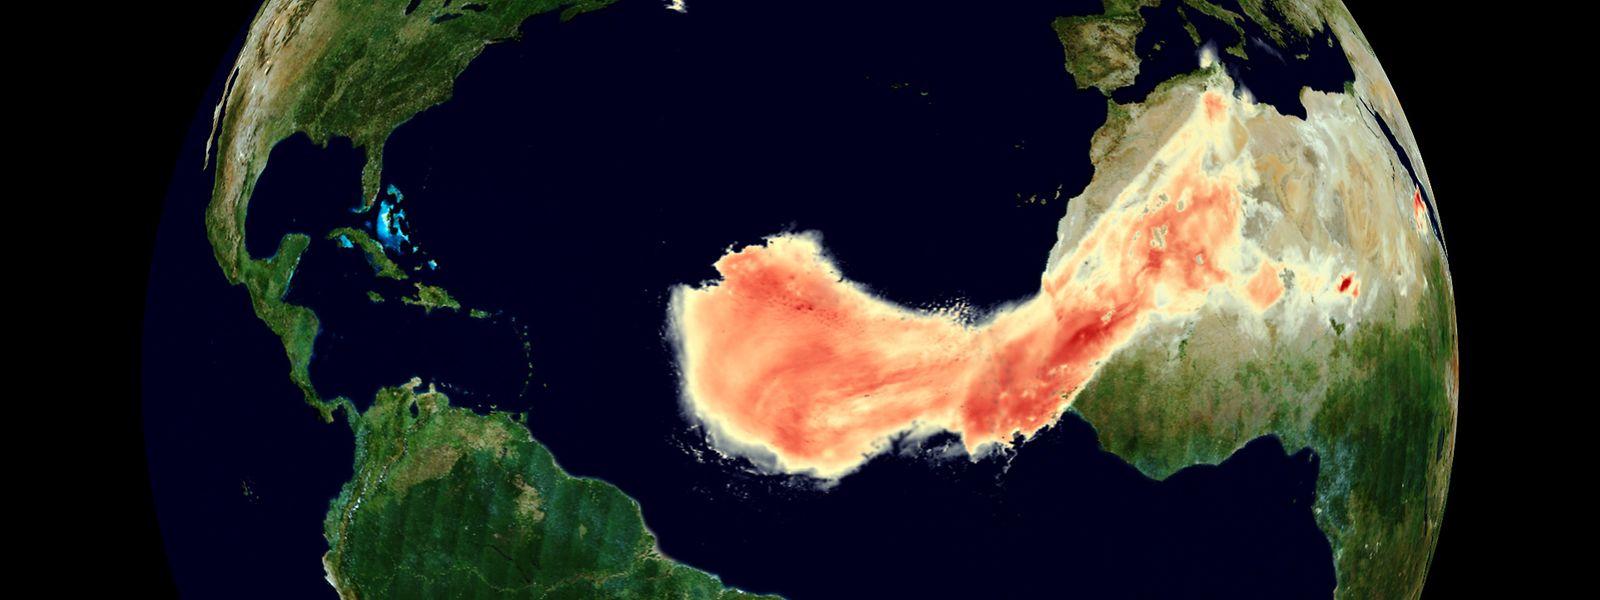 """Die gigantische Staubwolke, die auch den Namen """"Godzilla"""" trägt, erreichte Ende Juni die Karibik und die USA."""